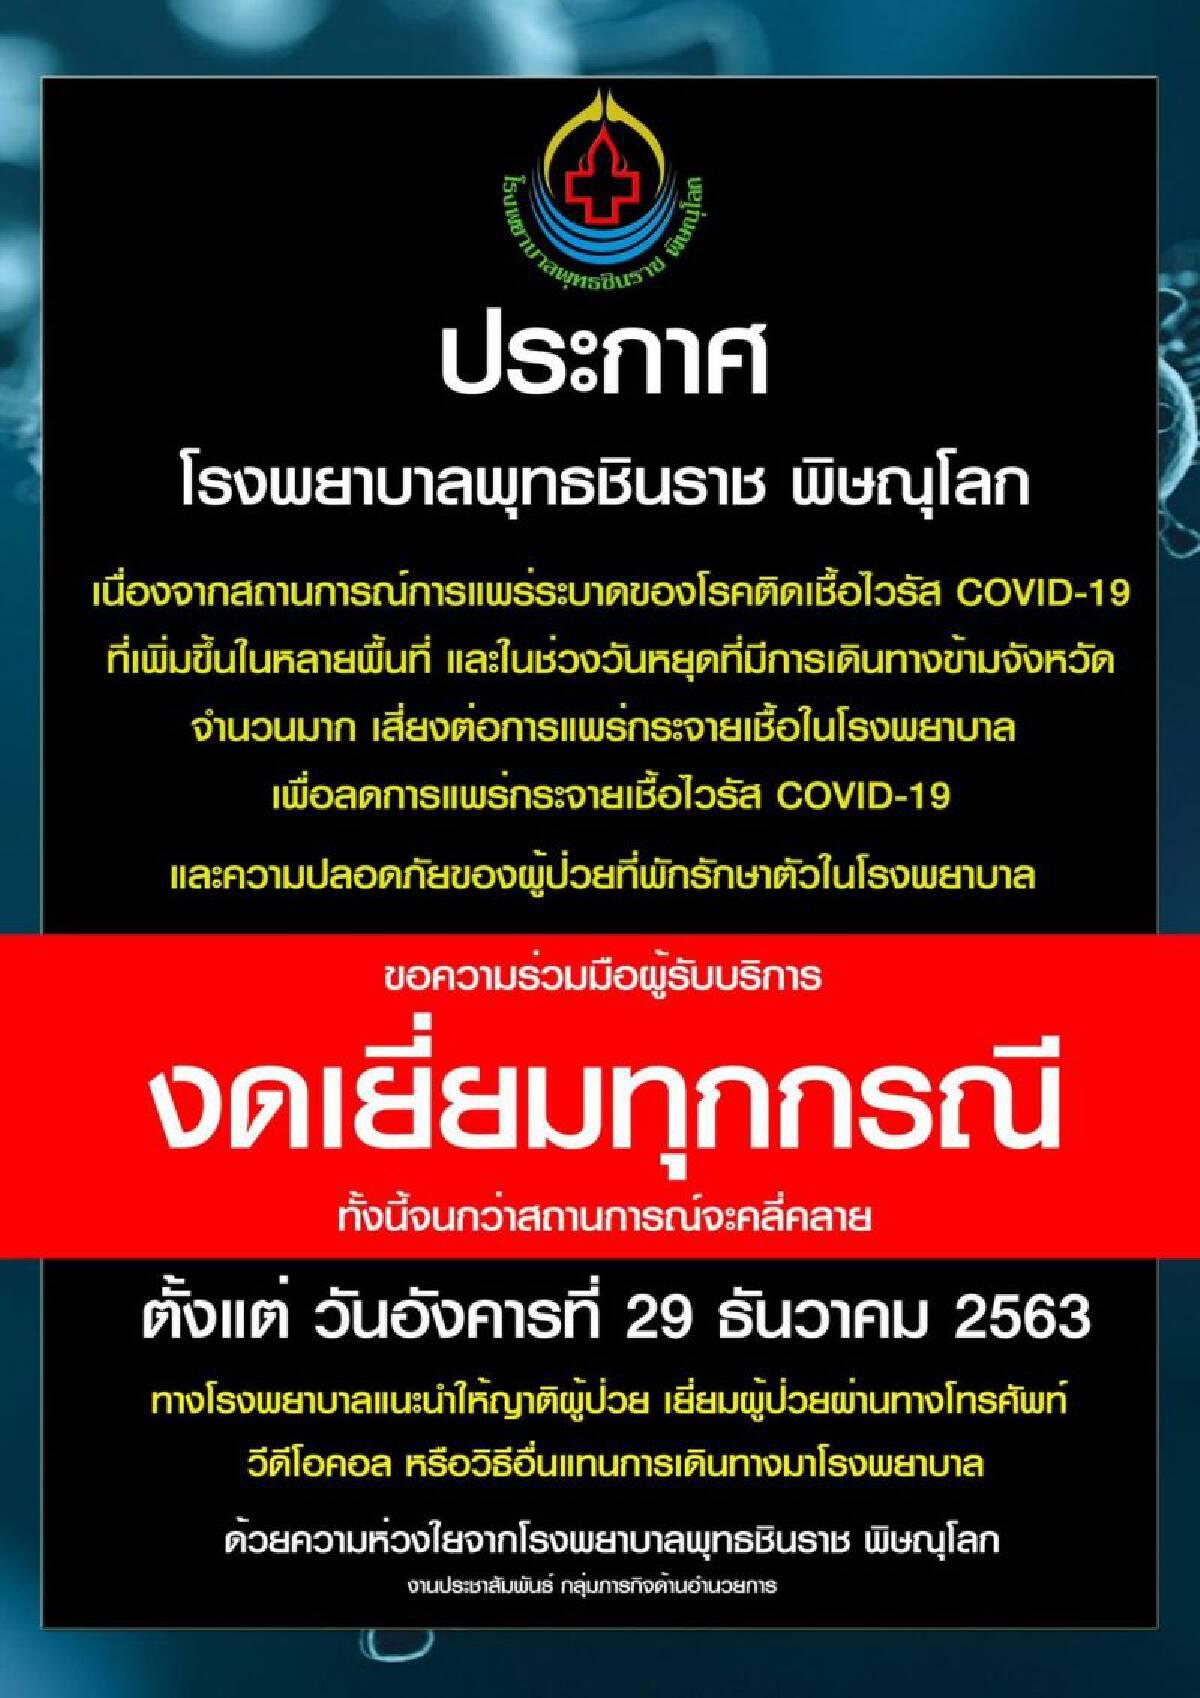 ร.พ.พุทธชินราช ออกประกาศงดเยี่ยมทุกกรณี สกัดเชื้อโควิด19